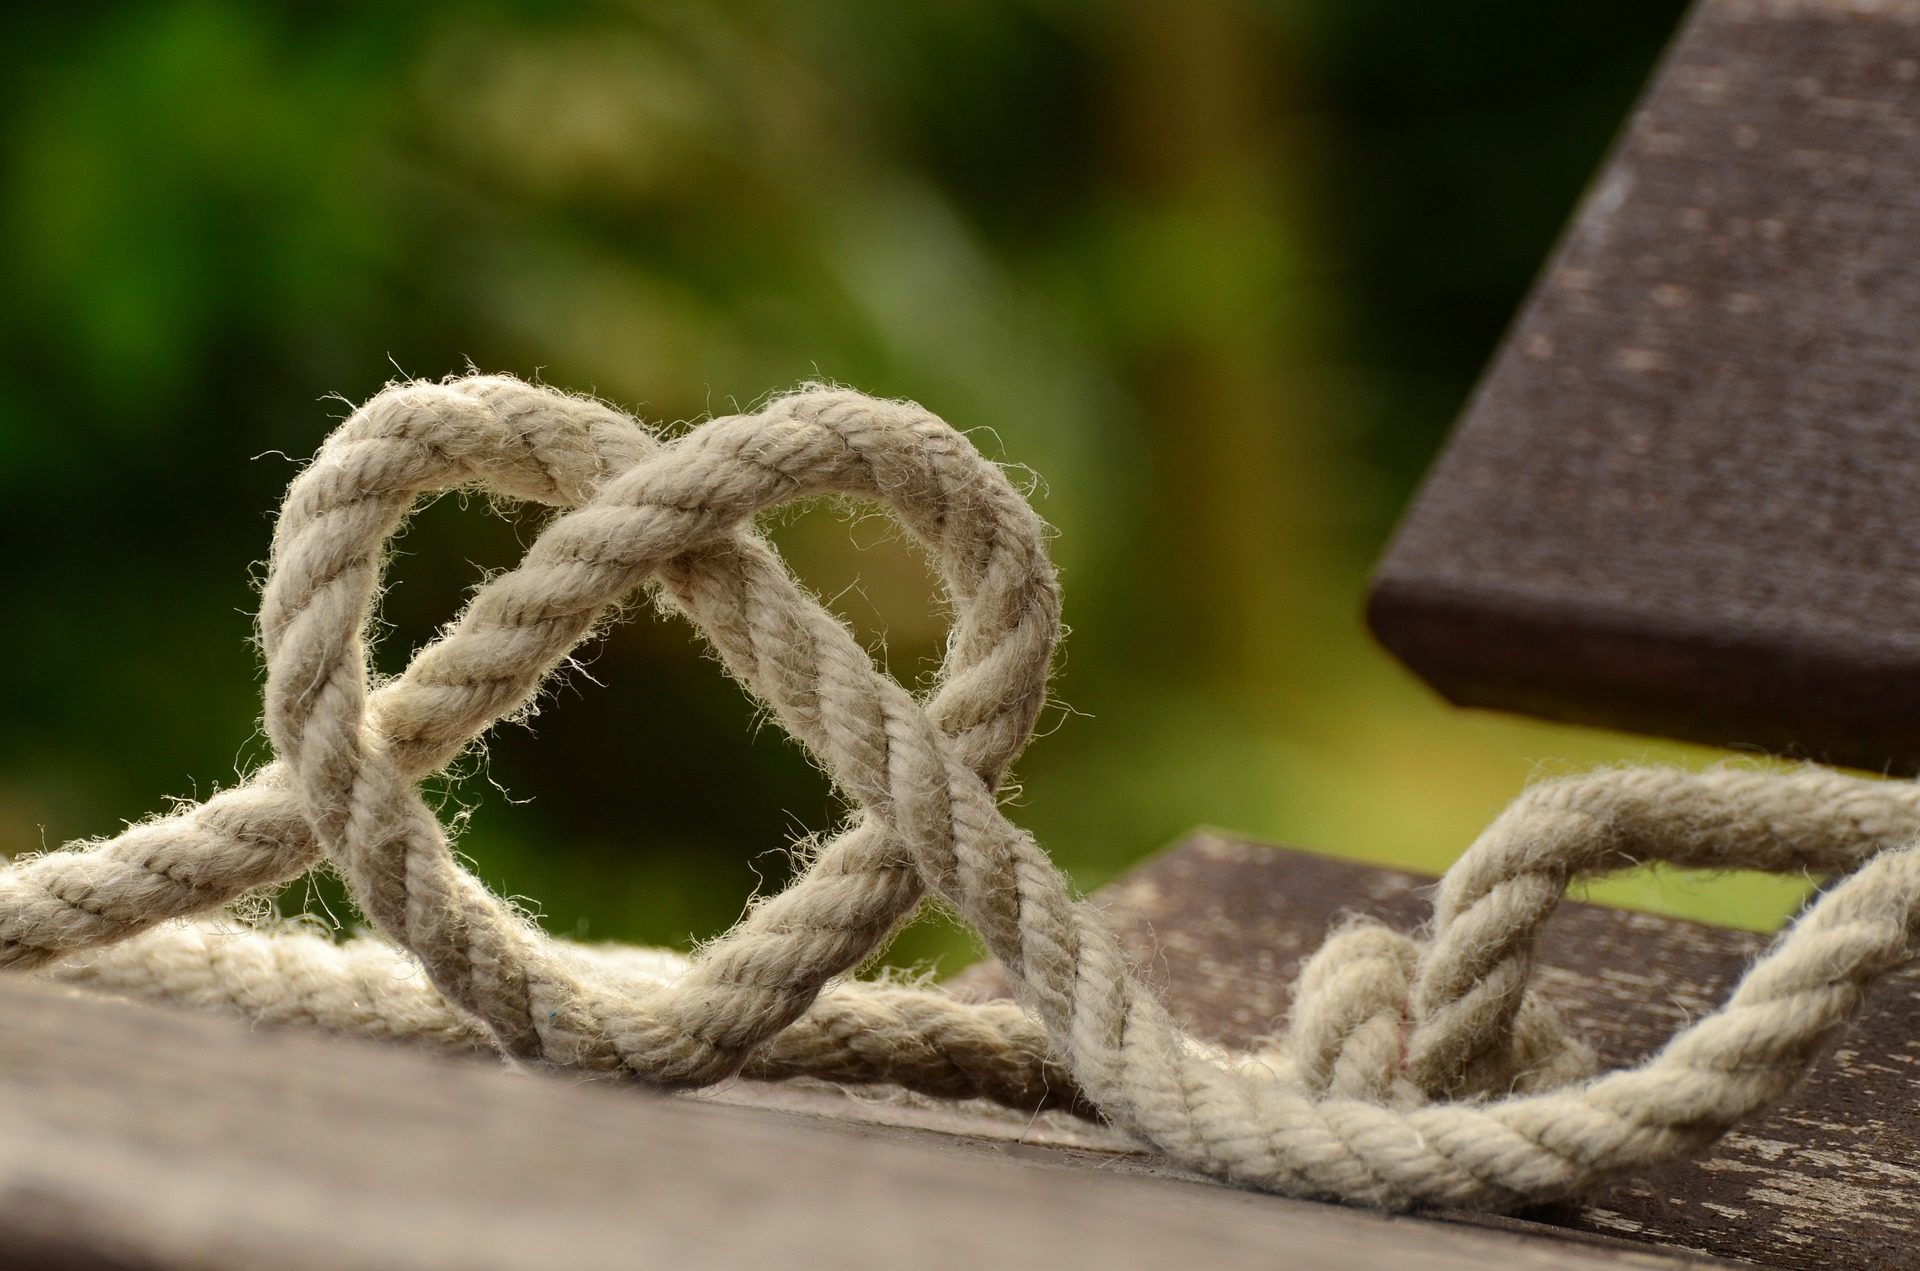 ロープ, 結び目, ループ, 心, 愛, 約束 - HD の壁紙 - 教授-falken.com